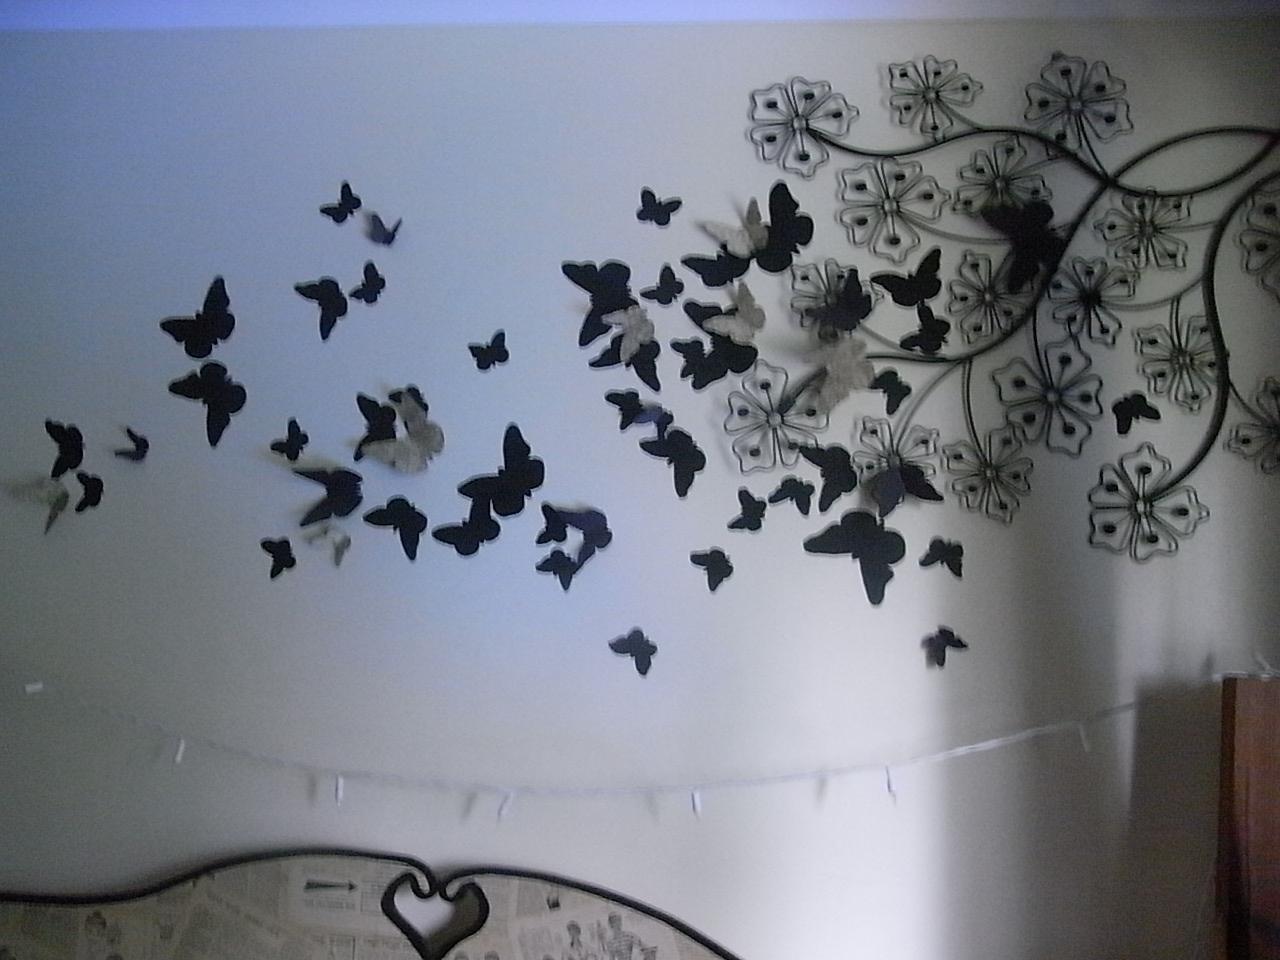 Diy 3D Wall Art Butterflies | Wallartideas Pertaining To Butterflies 3D Wall Art (Image 11 of 20)